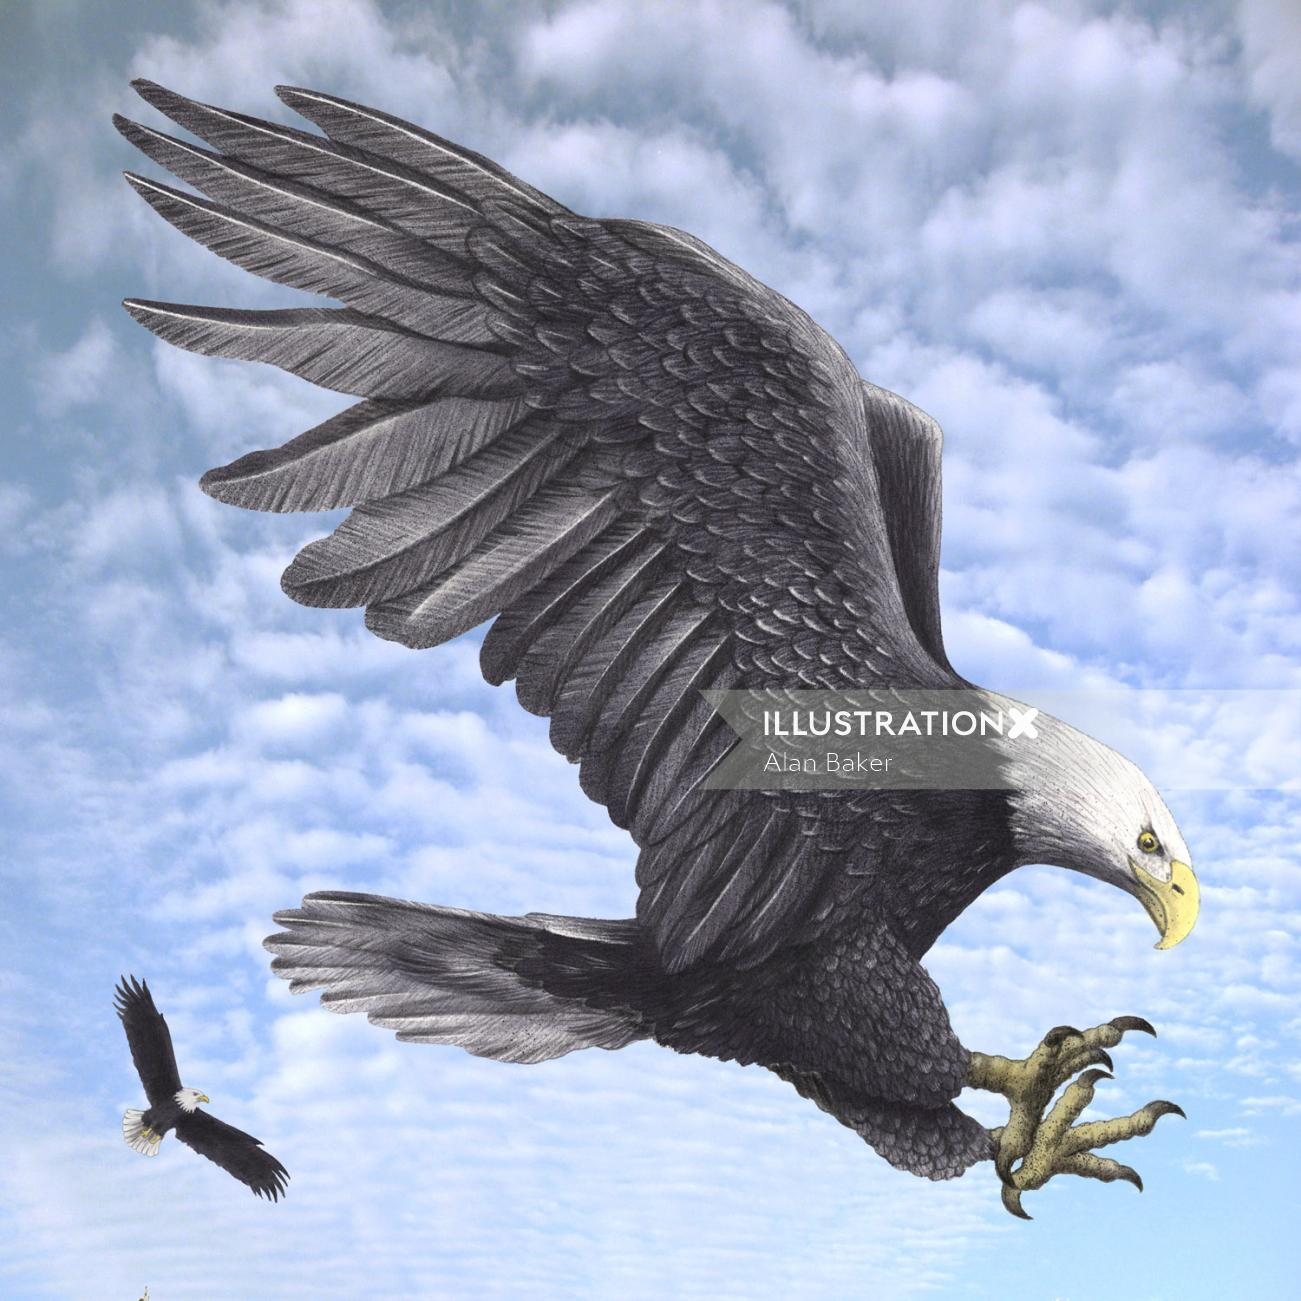 Eagle flying illustration by Alan Baker